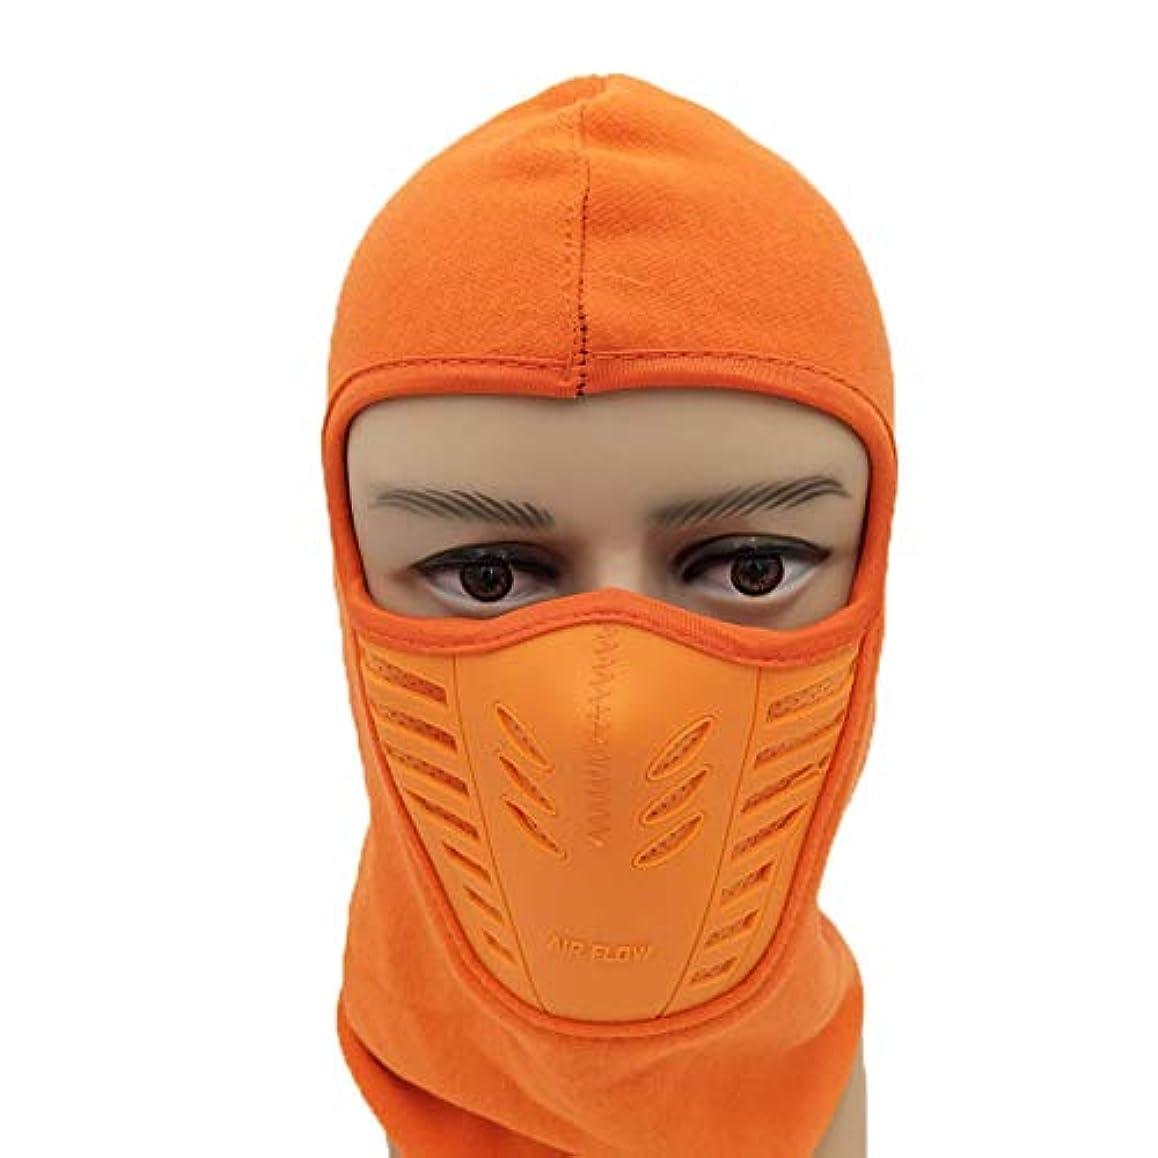 特別な最大限完全にXlpウィンターフリースネックウォーマー、フェイスマスクカバー、厚手ロングネックガーターチューブ、ビーニーネックウォーマーフード、ウィンターアウトドアスポーツマスク防風フード帽子